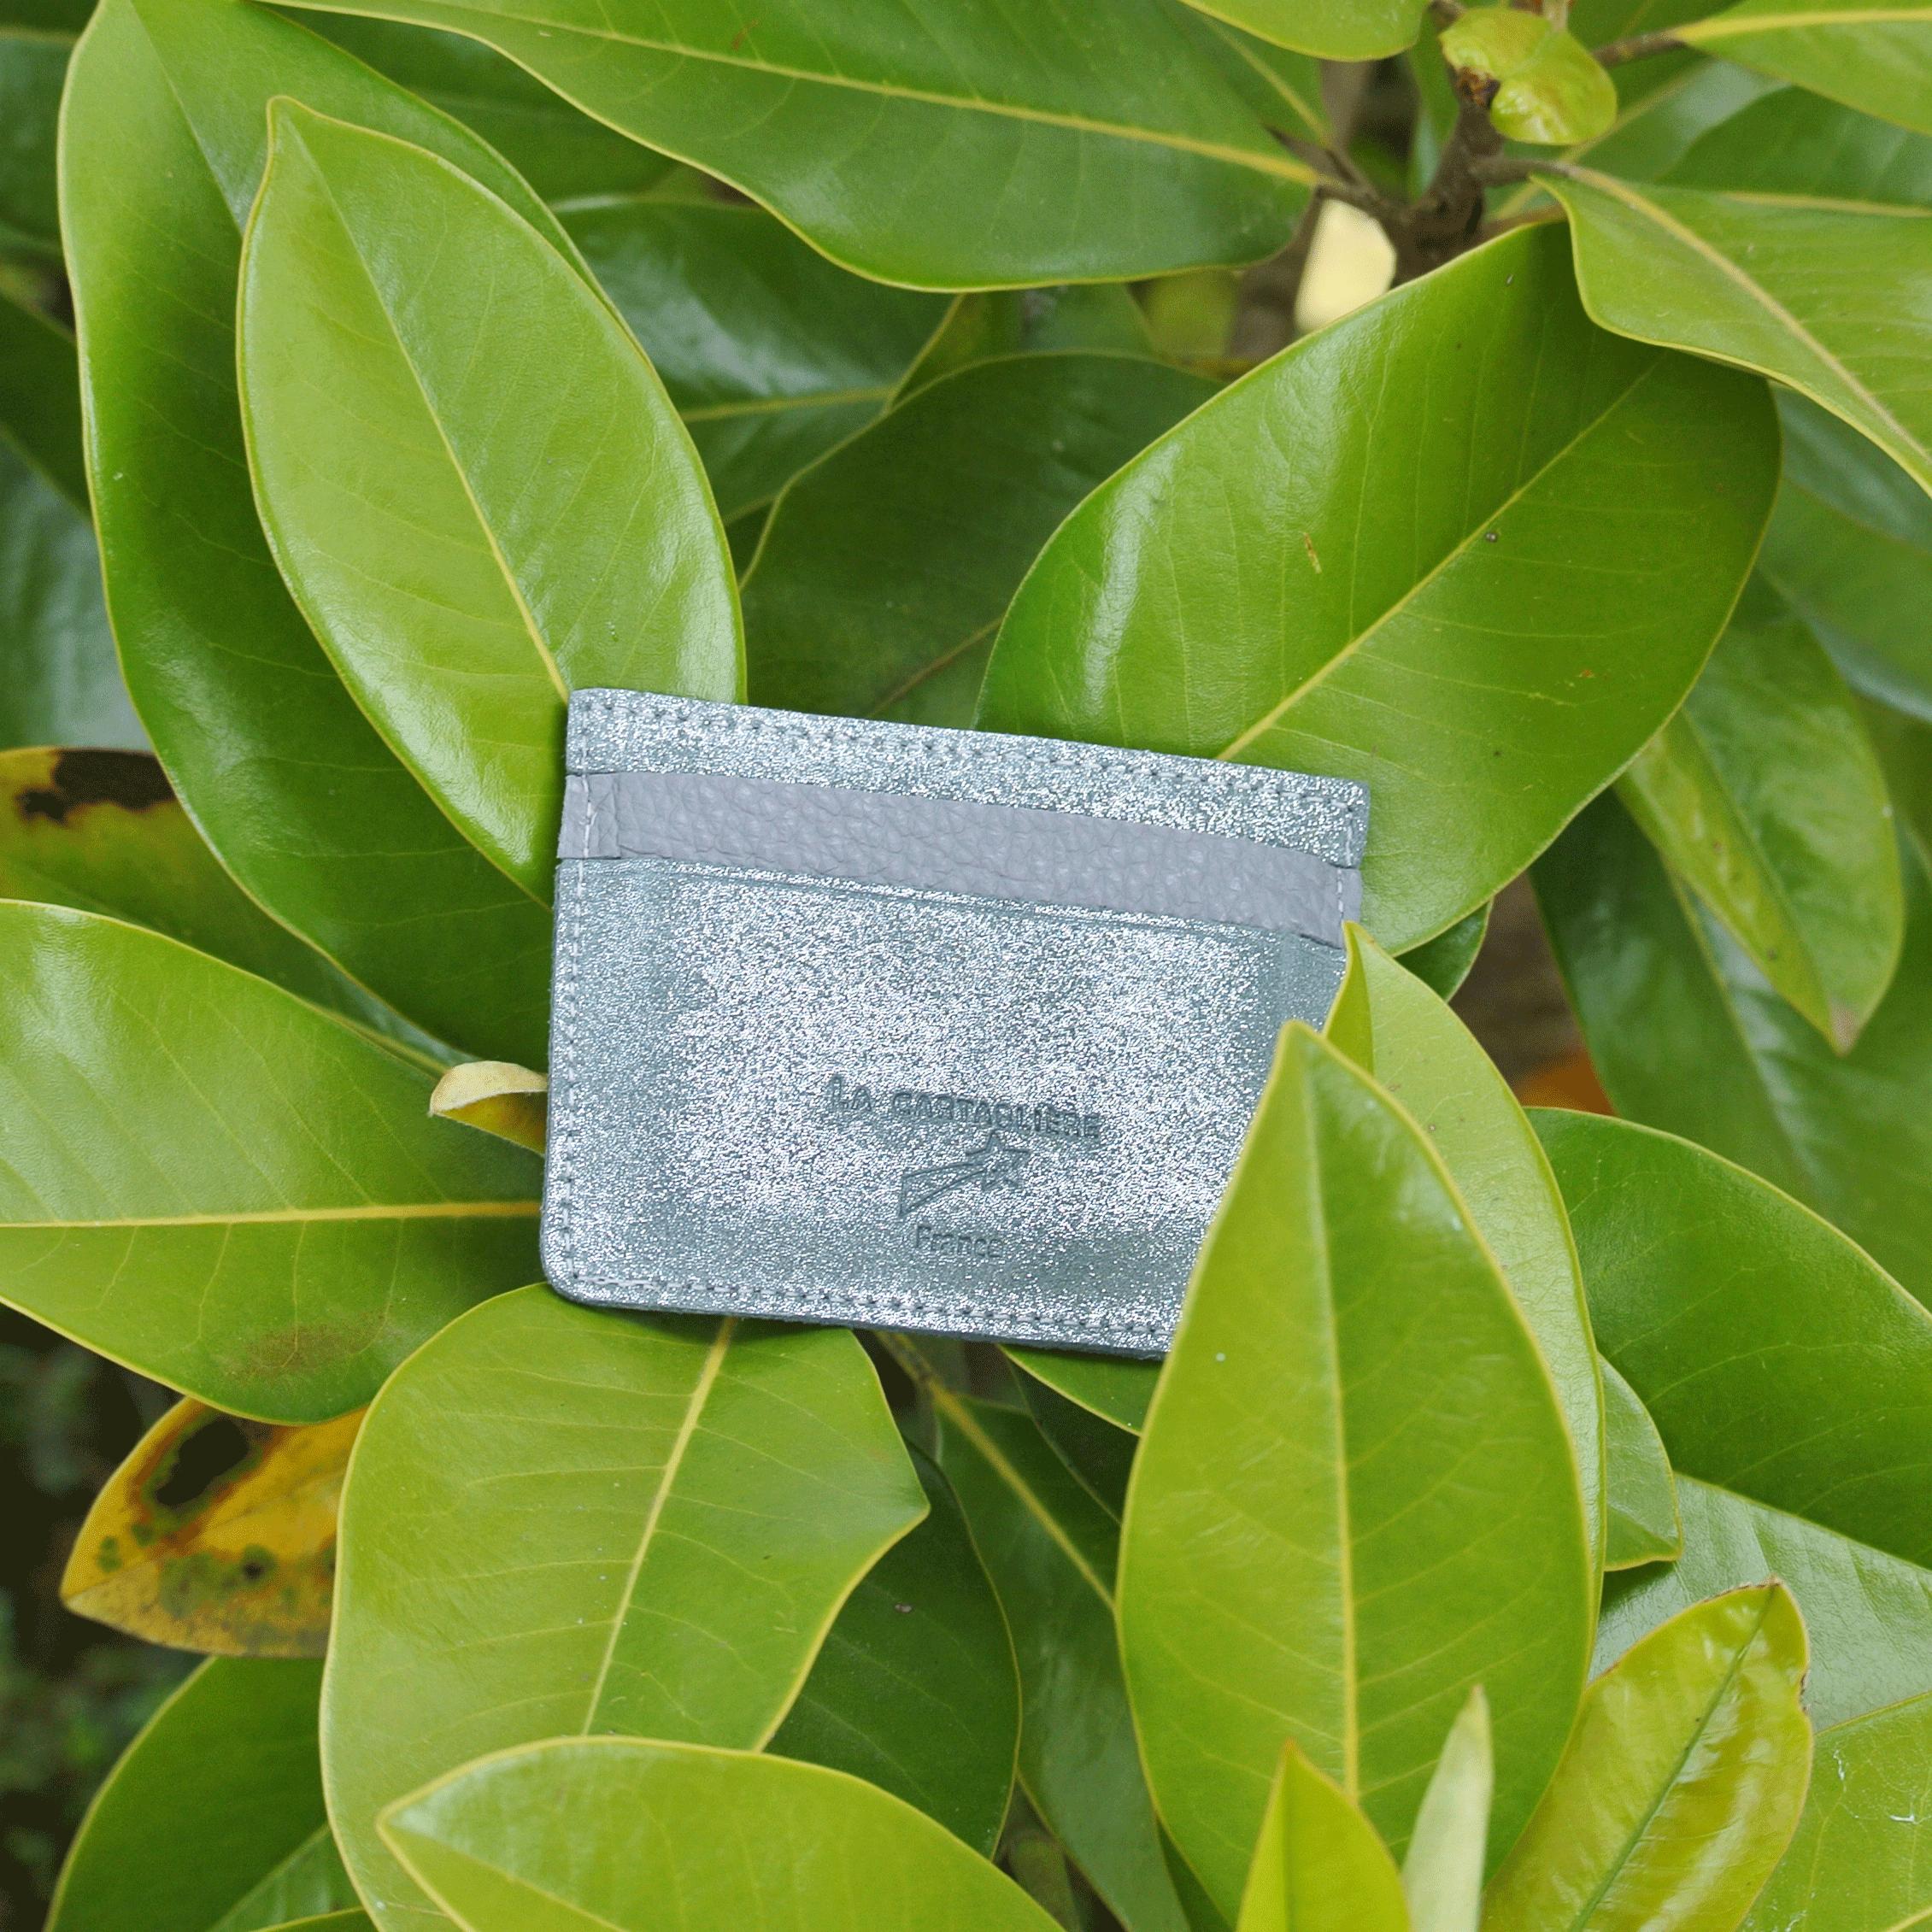 cuirs-pailletés-cuirs-fantaisies-fabriqué-en-france-la-cartabliere-etui-carte-triple-cuir-paillete-pierre-grise